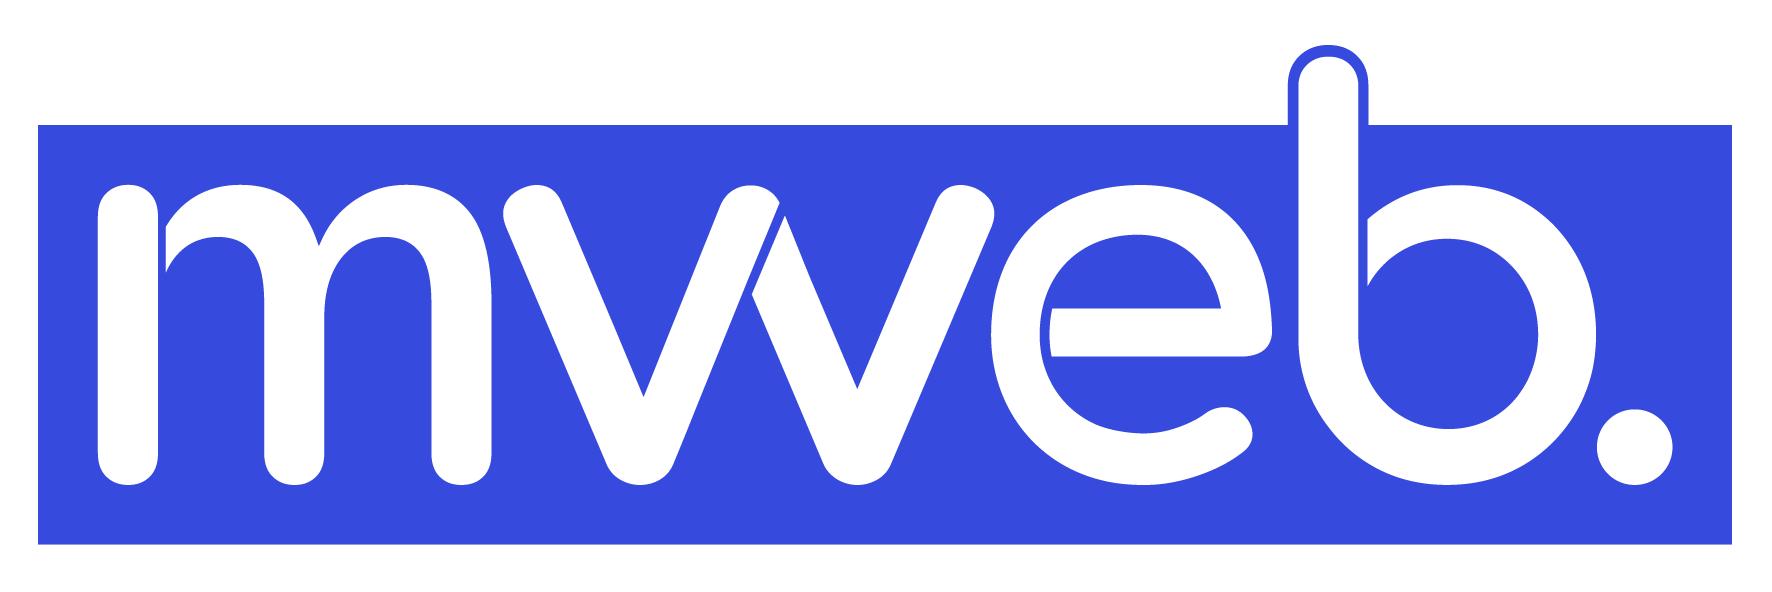 MWEB: Fibre Internet at a Competitive Price